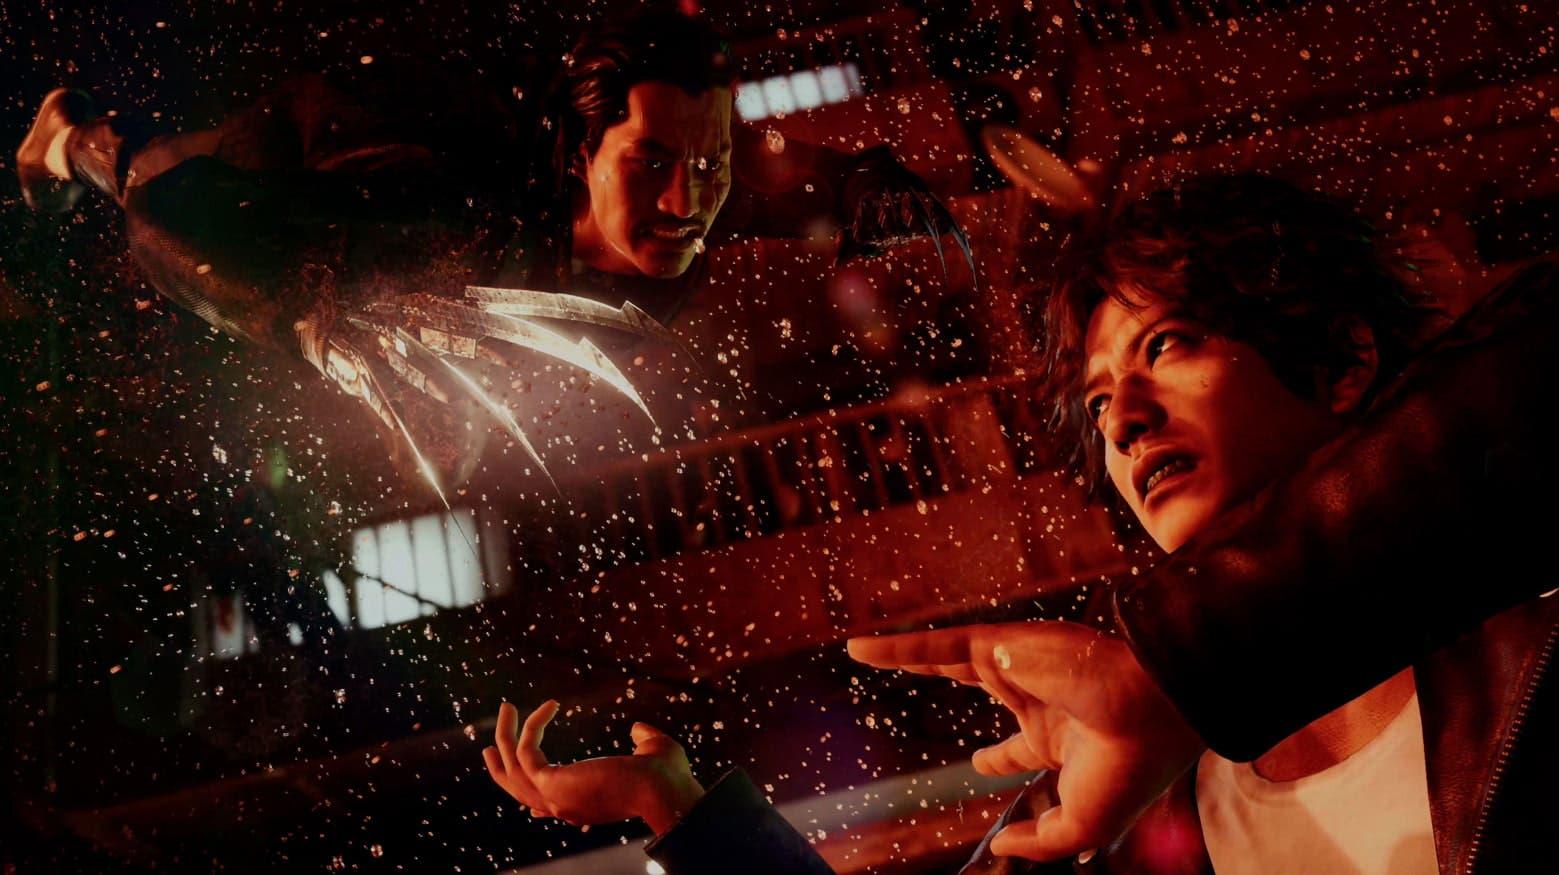 Lost Judgment se lanzará el 24 de septiembre en Xbox One y Xbox Series X|S 5